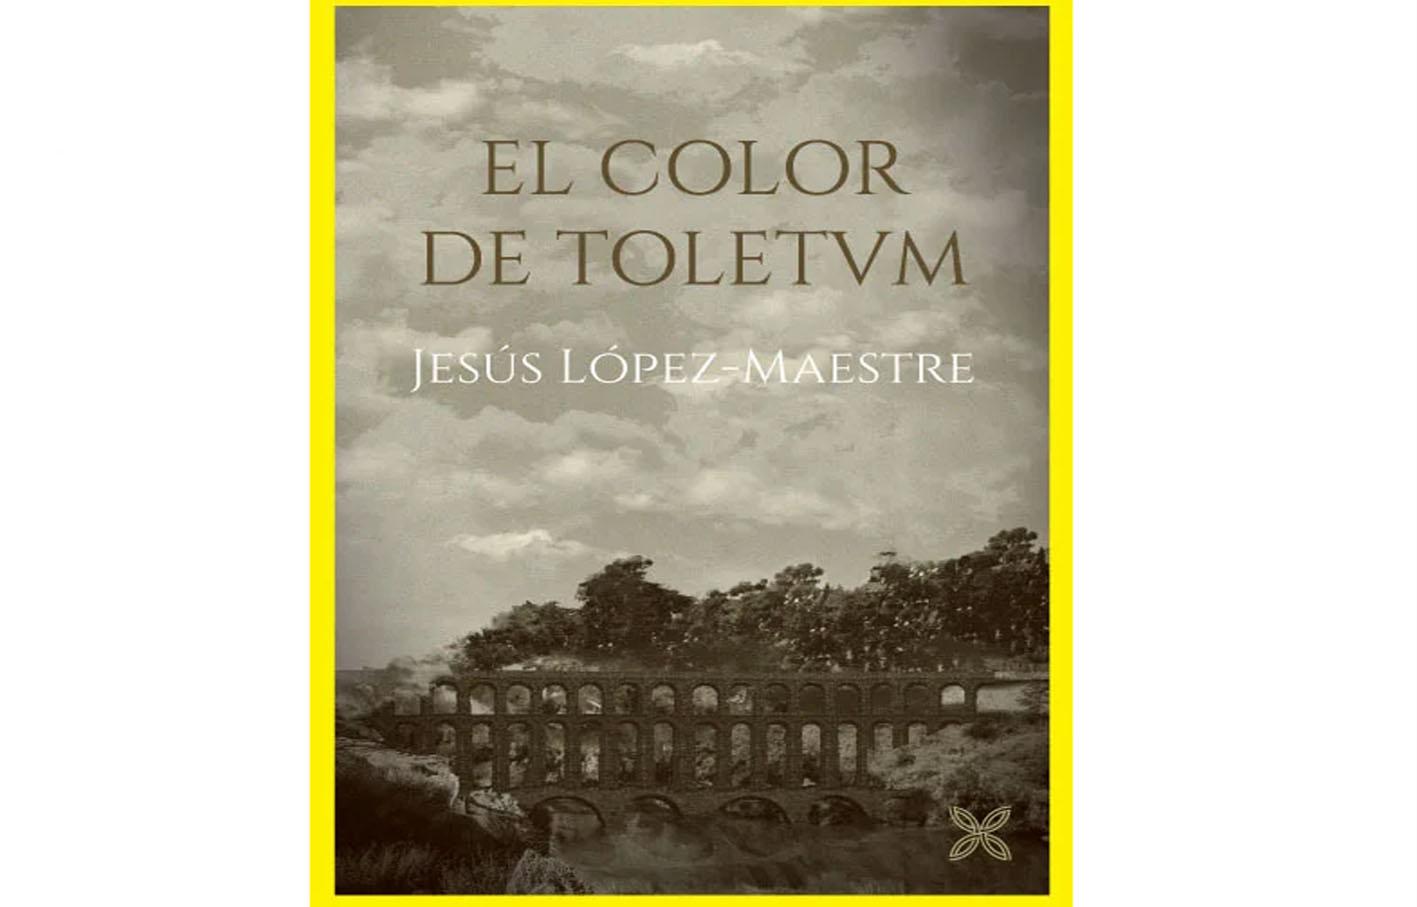 """Portada de """"El color de Toletvm"""", de Jesús López-Maestre."""